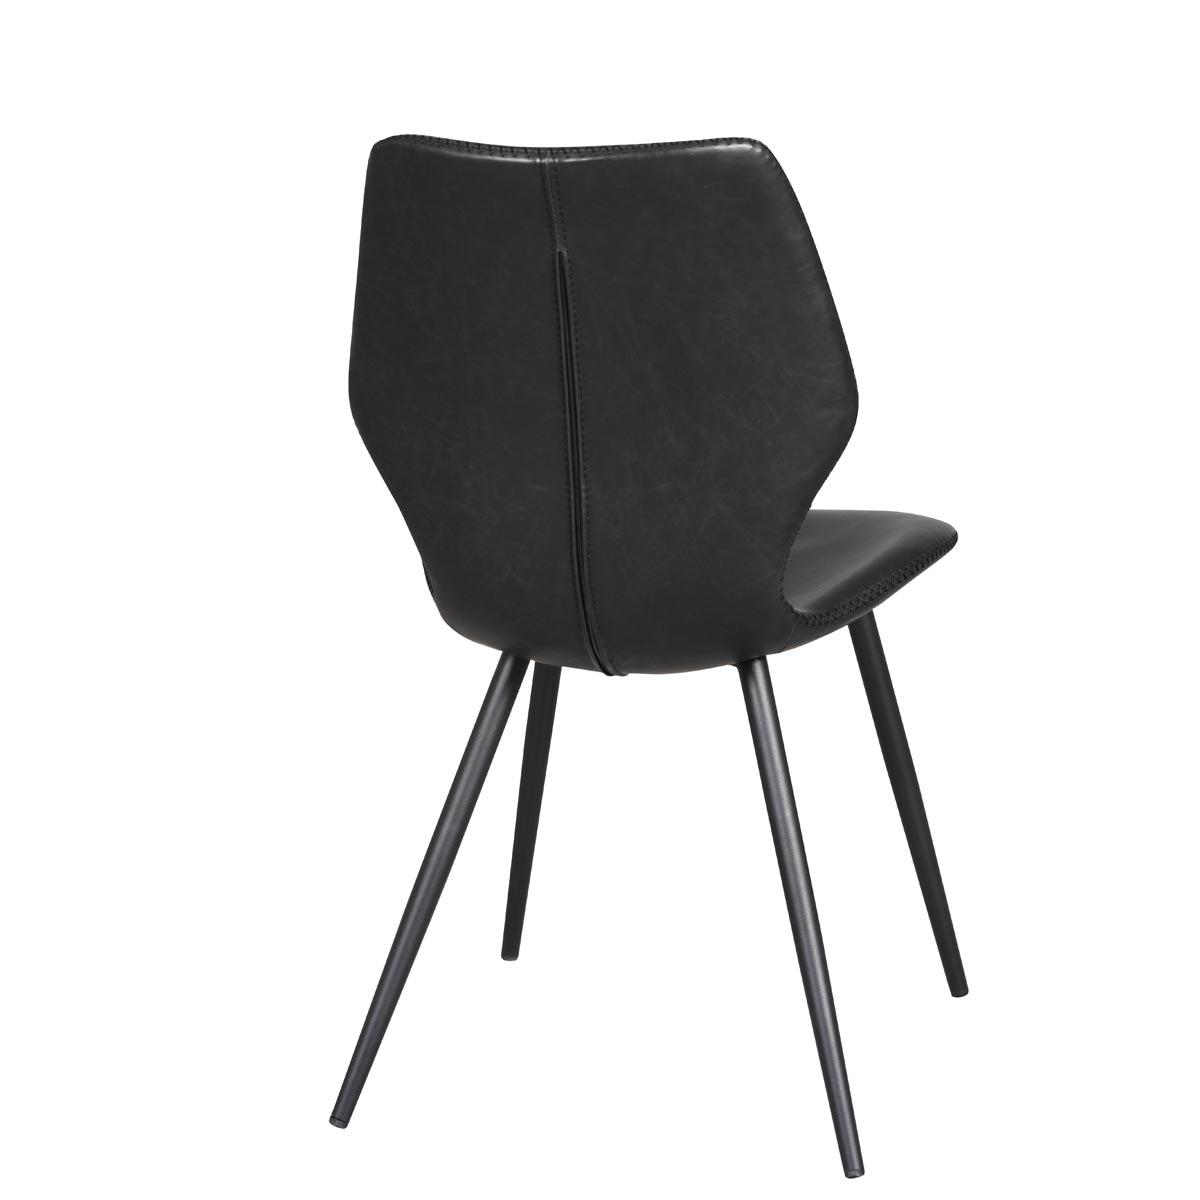 Highrock-stol-svart-118611-rygg